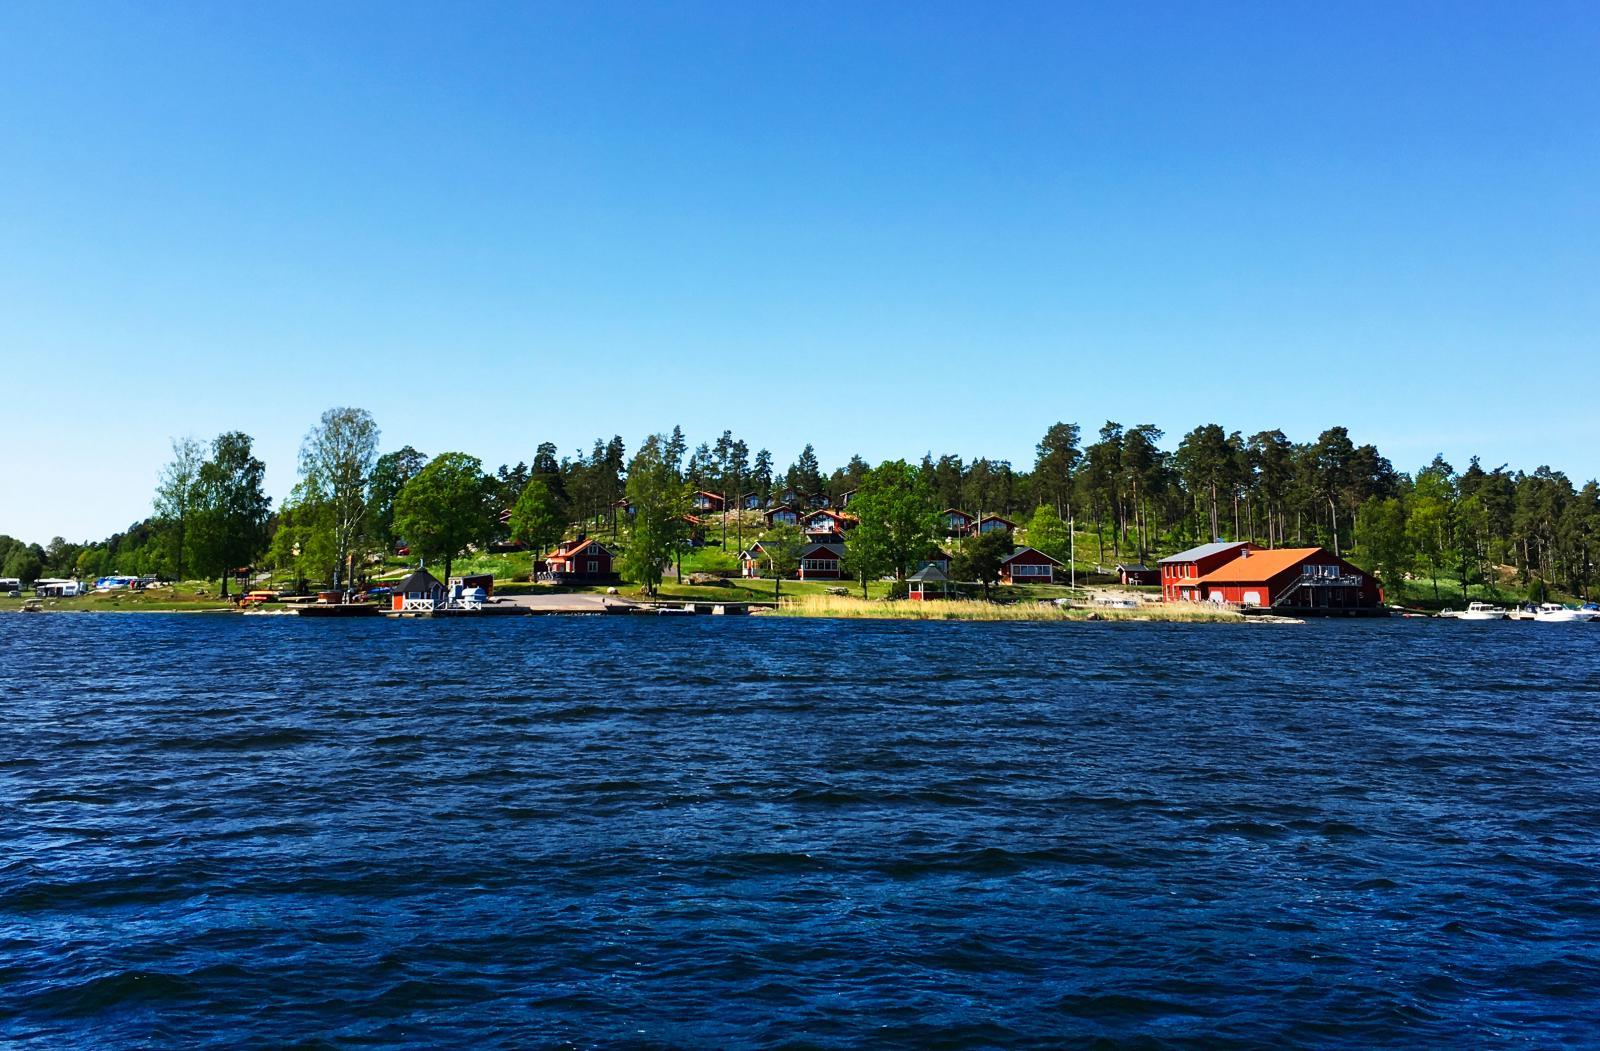 Camping sedd från havet med det faluröda båthuset längst till höger.